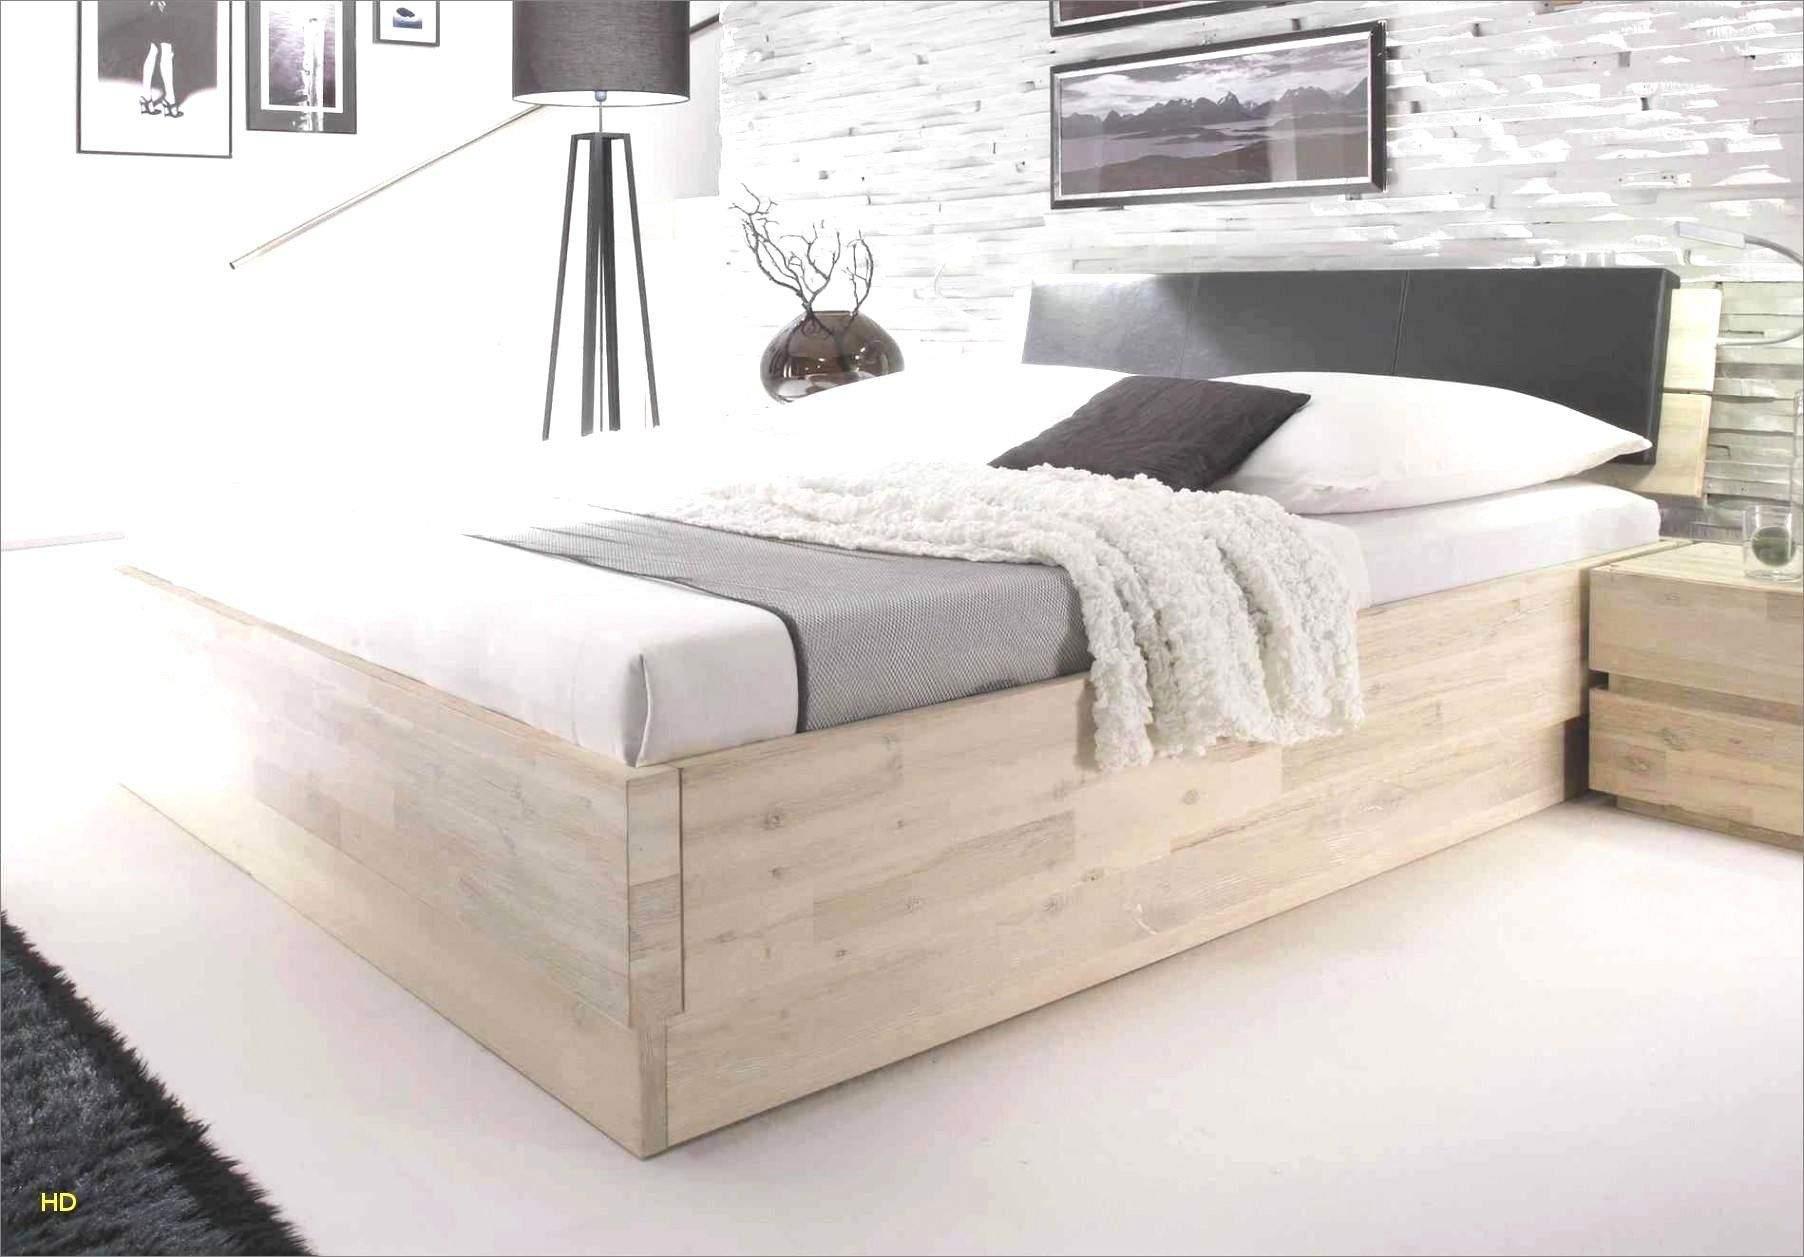 Full Size of Französische Betten Wohnzimmer Franzsisch Inspirierend Ikea Frisch Möbel Boss 100x200 Schramm Musterring Rauch 180x200 Amazon Mannheim Nolte Mit Matratze Und Bett Französische Betten